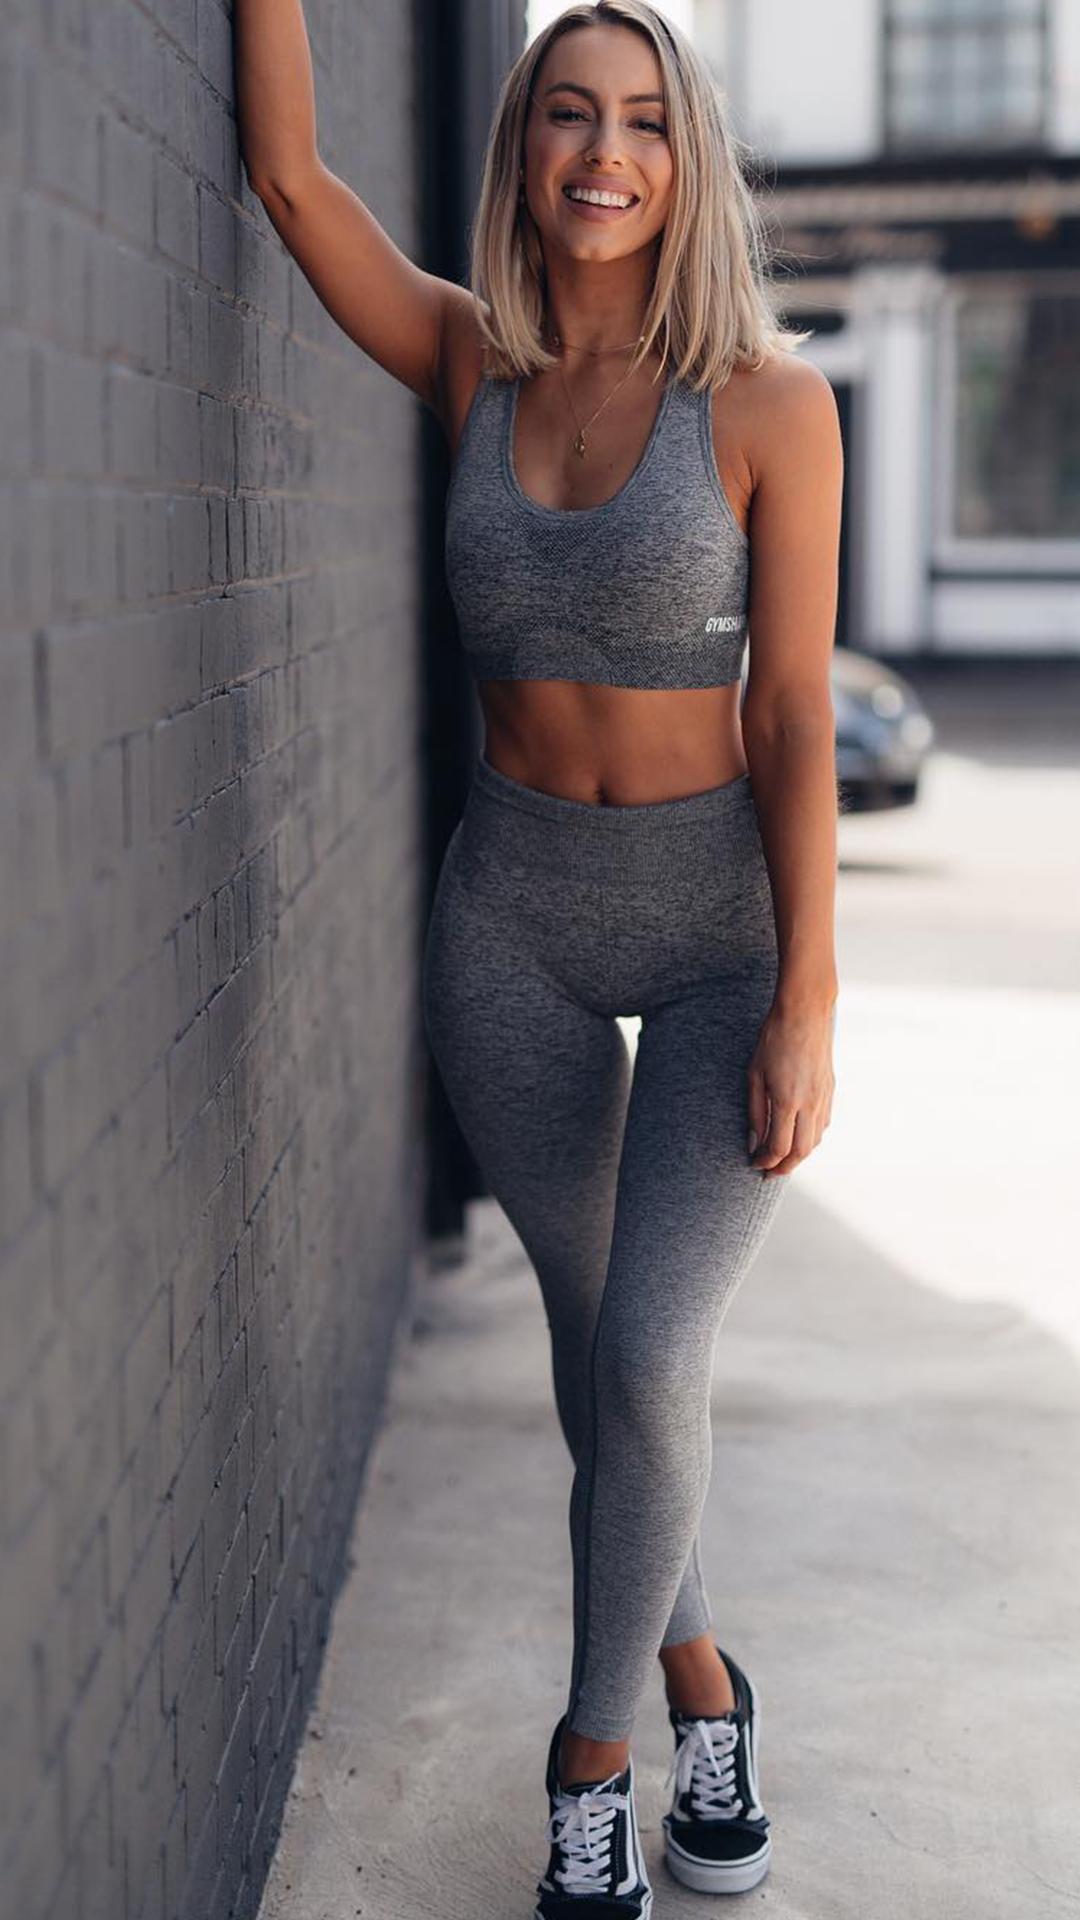 7559198b9cf3e Madalin Monochrome! Slay the day in grey like Gymshark Athlete, Madalin. # Gymshark #Gym #Womenswear #Female #Gymwear #Sportswear #Clothing #Clothes  #Sweat ...